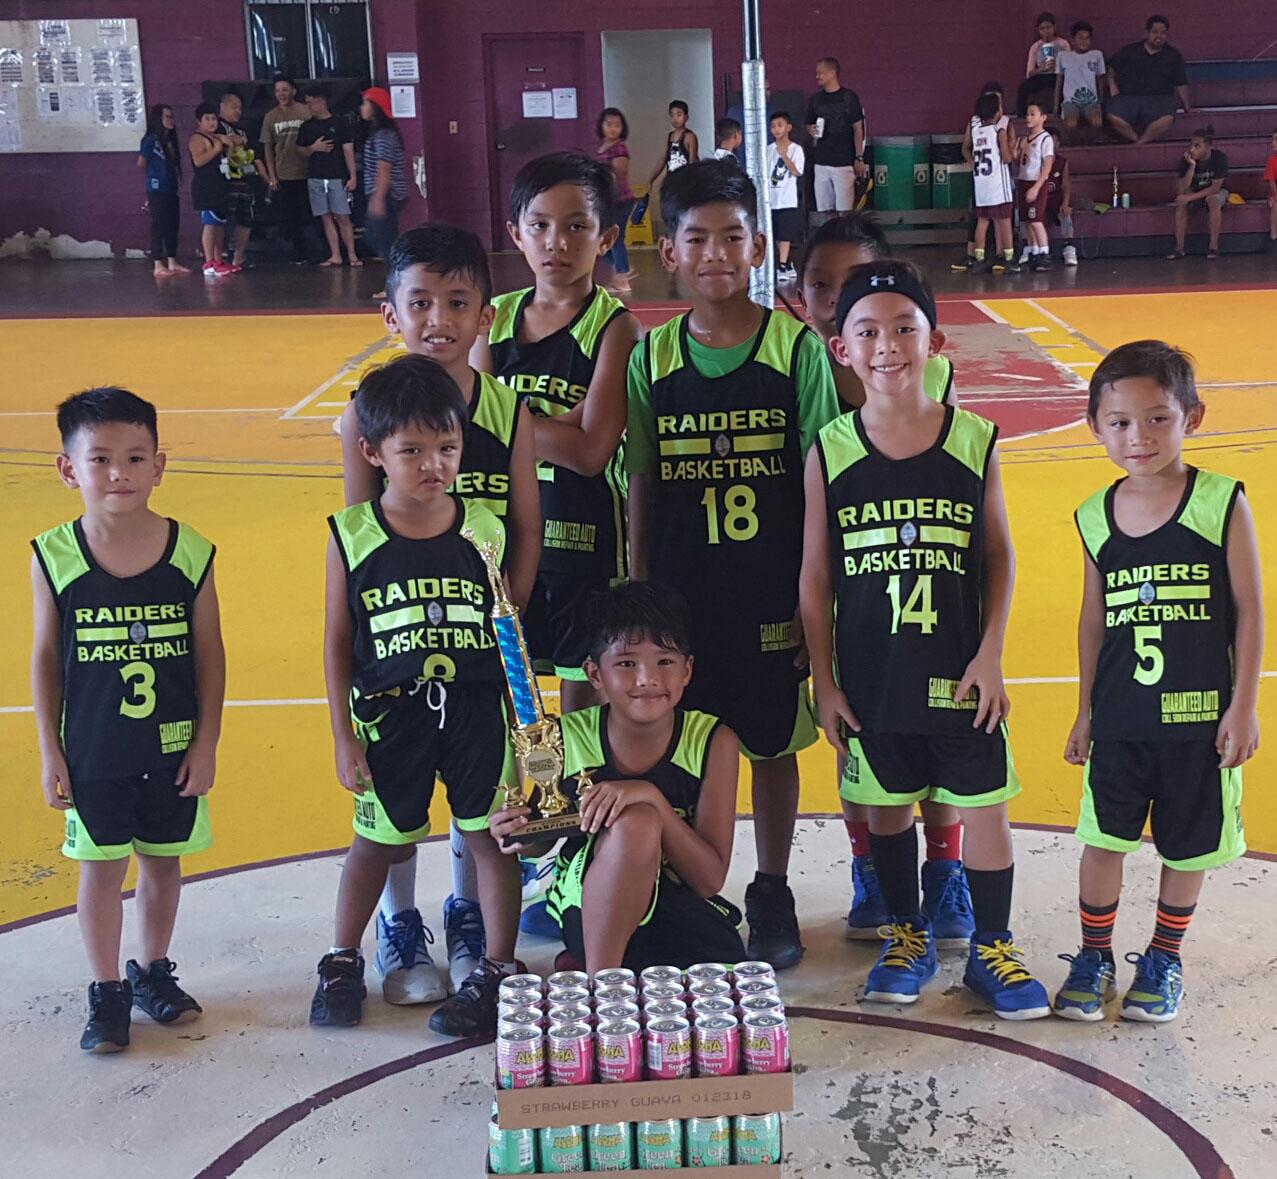 8U champs-raiders